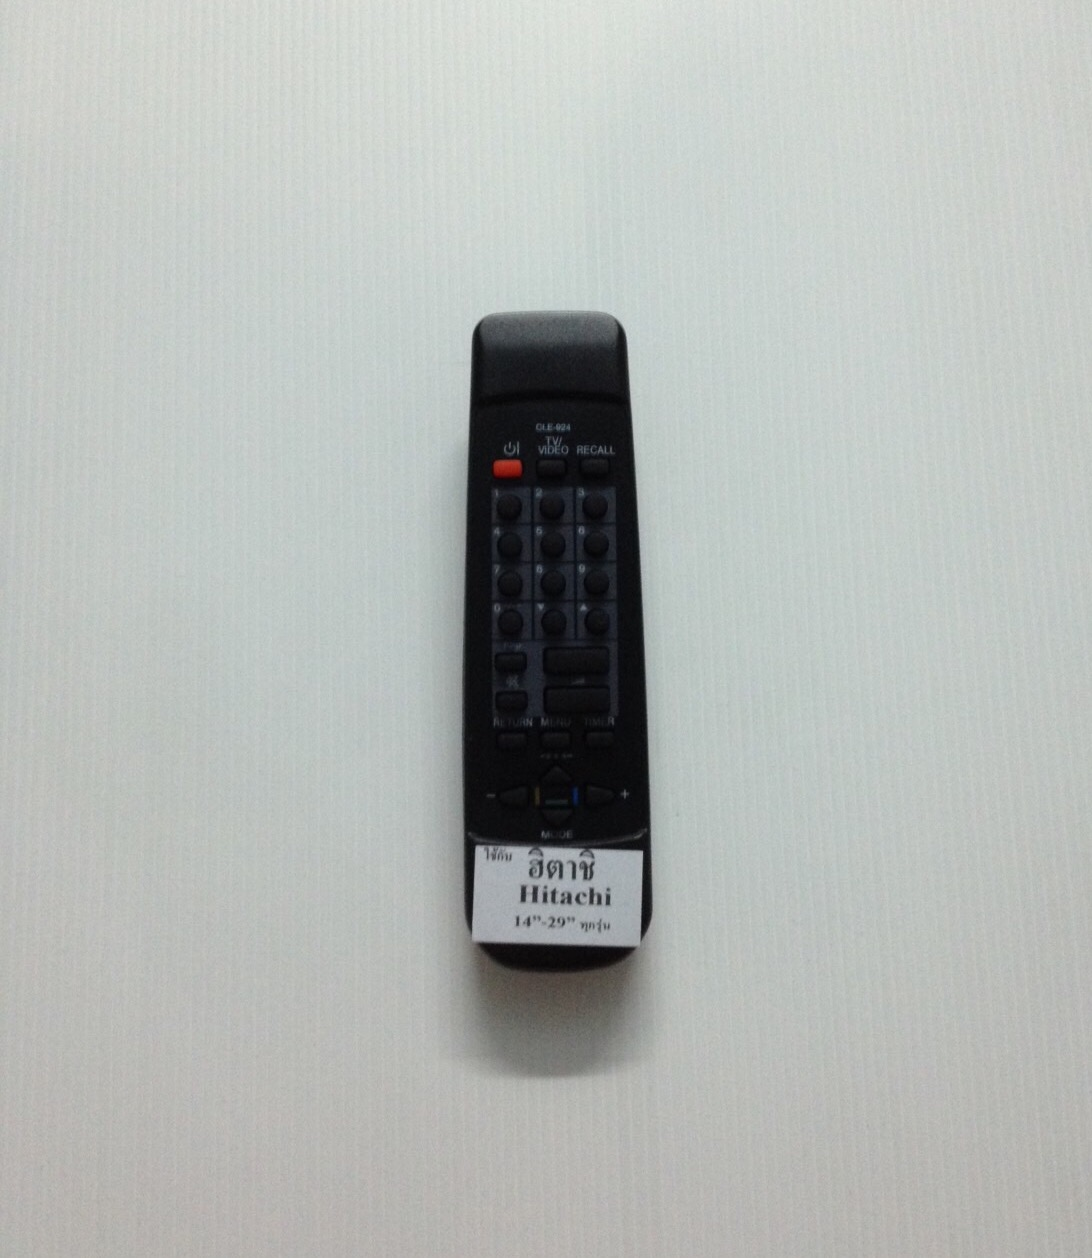 รีโมททีวีฮิตาชิ จอธรรมดา Hitachi CLE-924